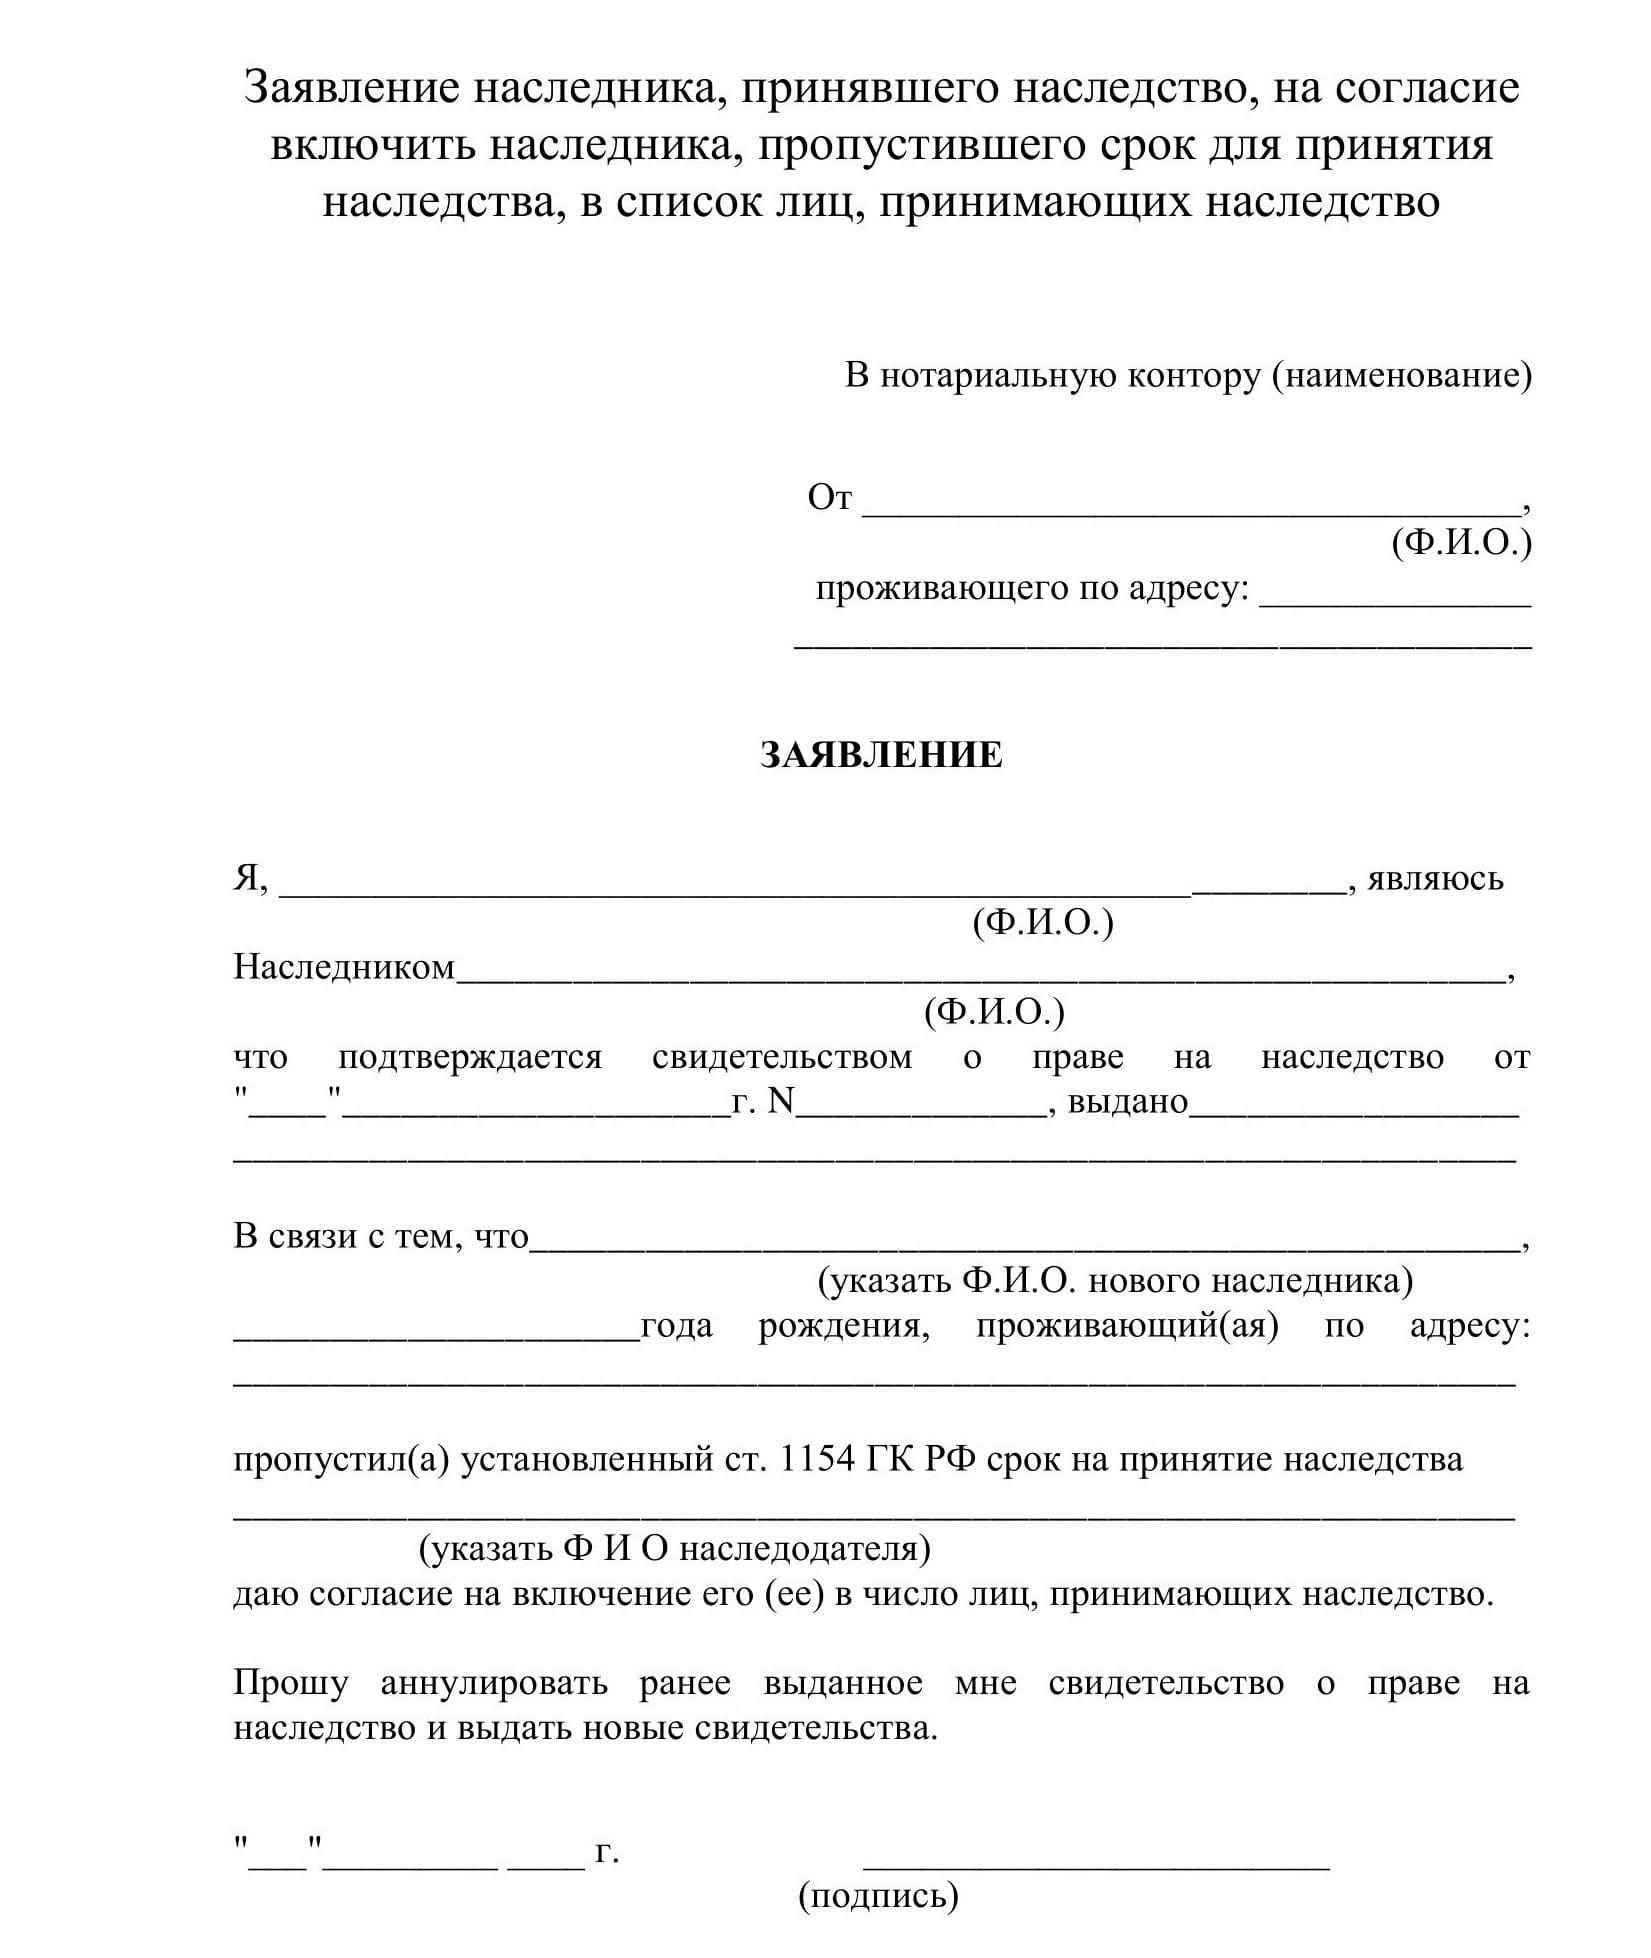 Заявление о включении в состав наследников